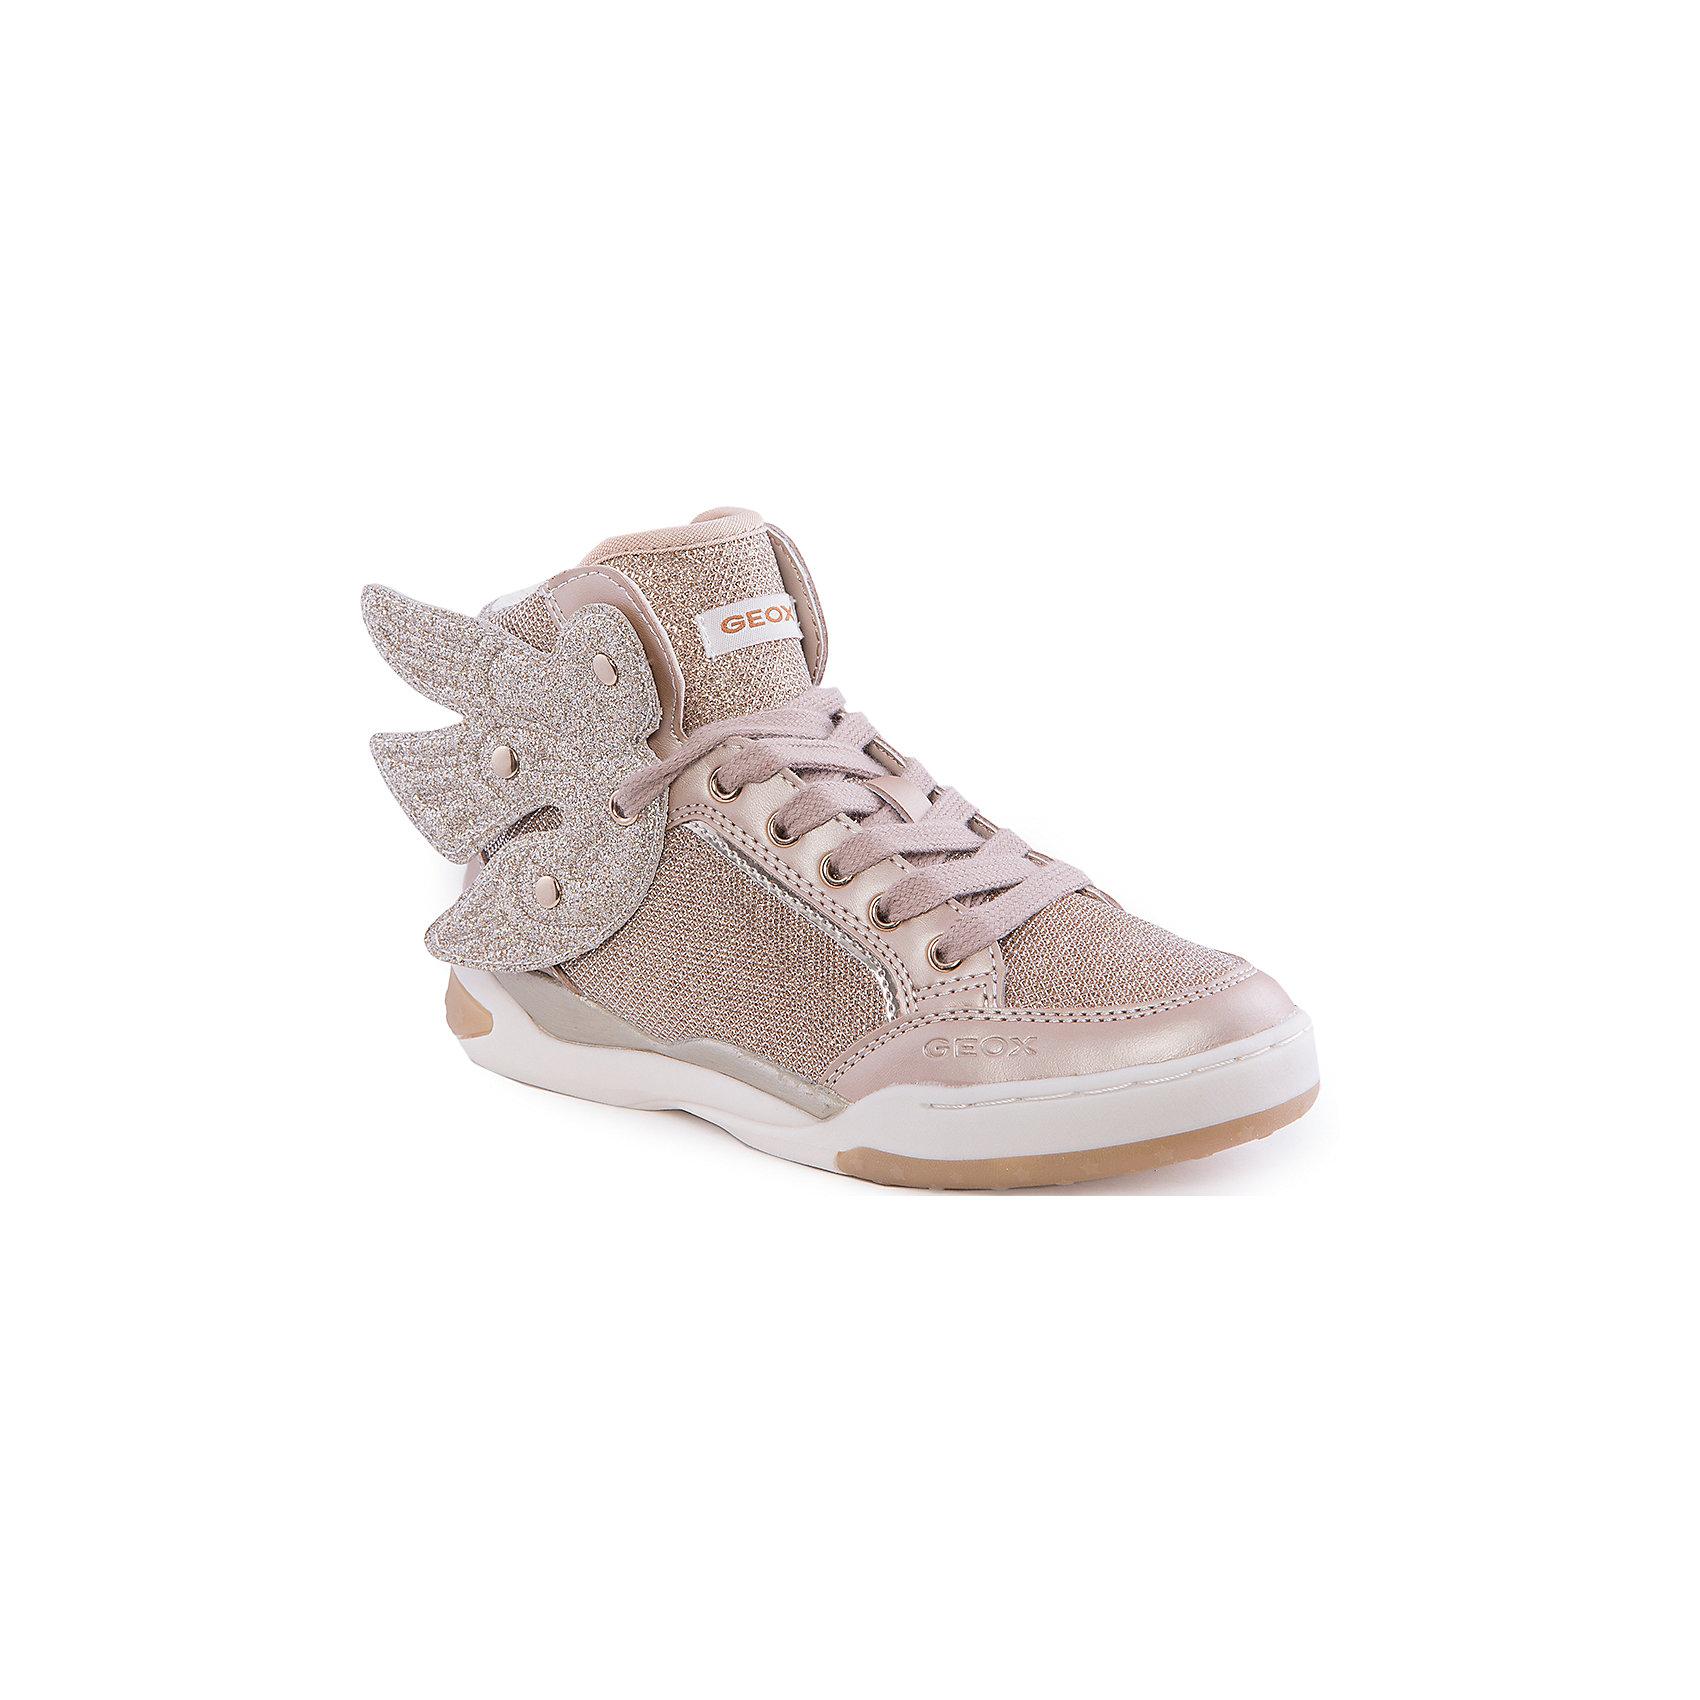 Кроссовки для девочки GEOXКроссовки для девочки от популярной марки GEOX (Геокс).<br><br>Оригинальные золотистые кроссовки - отличная обувь для нового весеннего сезона. В таких кроссовках девочка обязательно привлечет внимание!<br>Производитель обуви заботится не только о внешнем виде, но и стабильно высоком качестве продукции. GEOX (Геокс) разработал специальную дышащую подошву, которая не пропускает влагу внутрь, а также высокотехнологичную стельку.<br><br>Отличительные особенности модели:<br><br>- цвет: золотой;<br>- декорированы золотистыми элементами, крыльями;<br>- гибкая водоотталкивающая подошва с дышащей мембраной;<br>- мягкий и легкий верх;<br>- защита пальцев и пятки;<br>- стильный дизайн;<br>- удобная шнуровка, молния;<br>- комфортное облегание;<br>- верх обуви и подкладка сделаны без использования хрома.<br><br>Дополнительная информация:<br><br>- Температурный режим: от +10° С до 25° С.<br><br>- Состав:<br><br>материал верха: текстиль, синтетический материал<br>материал подкладки: текстиль<br>подошва: 100% резина<br><br>Кроссовки для девочки GEOX (Геокс) (Геокс) можно купить в нашем магазине.<br><br>Ширина мм: 250<br>Глубина мм: 150<br>Высота мм: 150<br>Вес г: 250<br>Цвет: золотой<br>Возраст от месяцев: 48<br>Возраст до месяцев: 60<br>Пол: Женский<br>Возраст: Детский<br>Размер: 28,32,30,29,31,34,35,36,33<br>SKU: 4519075